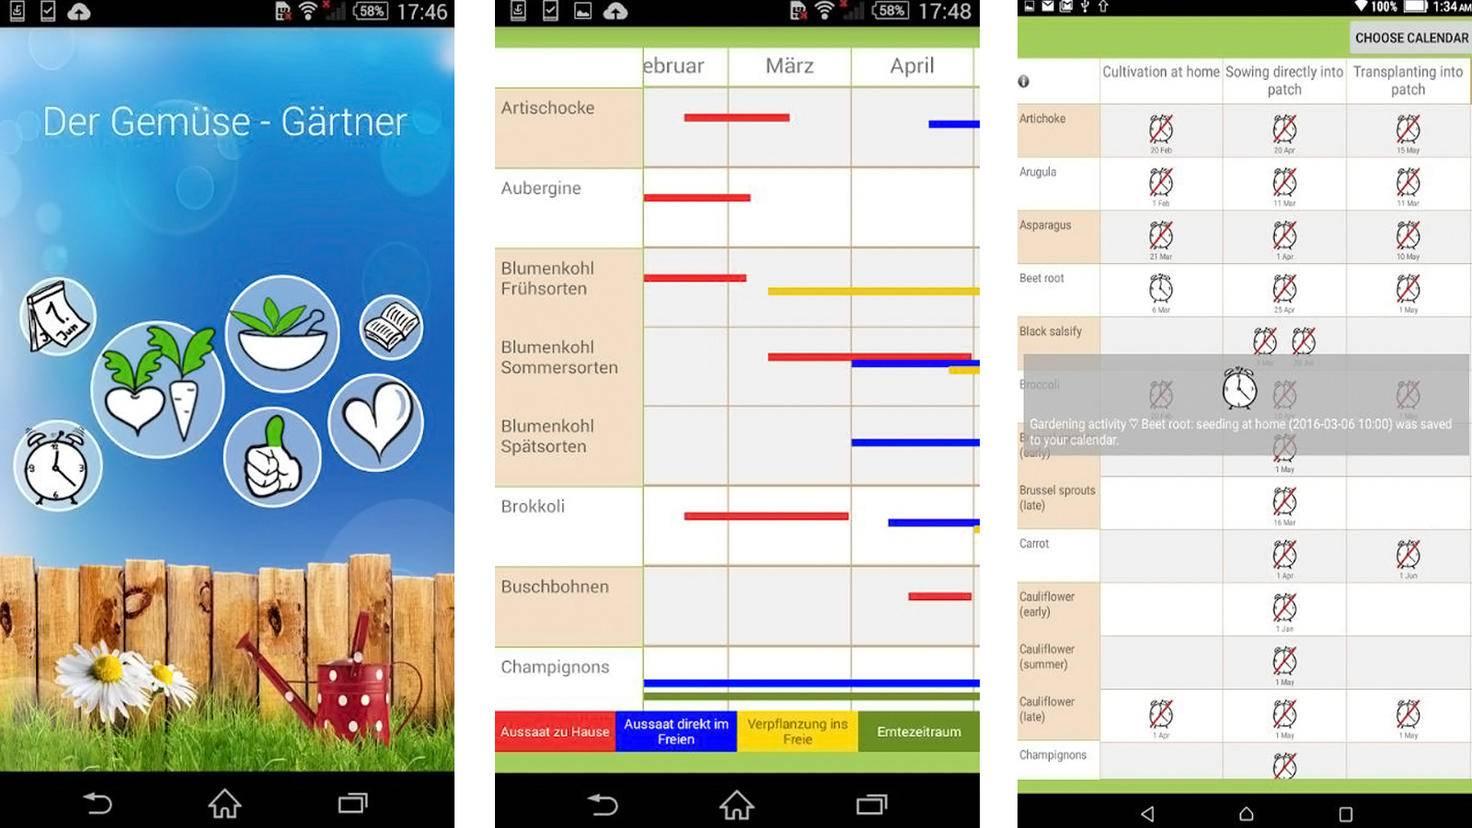 Der Gemüse Gärtner-App-Google Play Store-Daniel Puschina